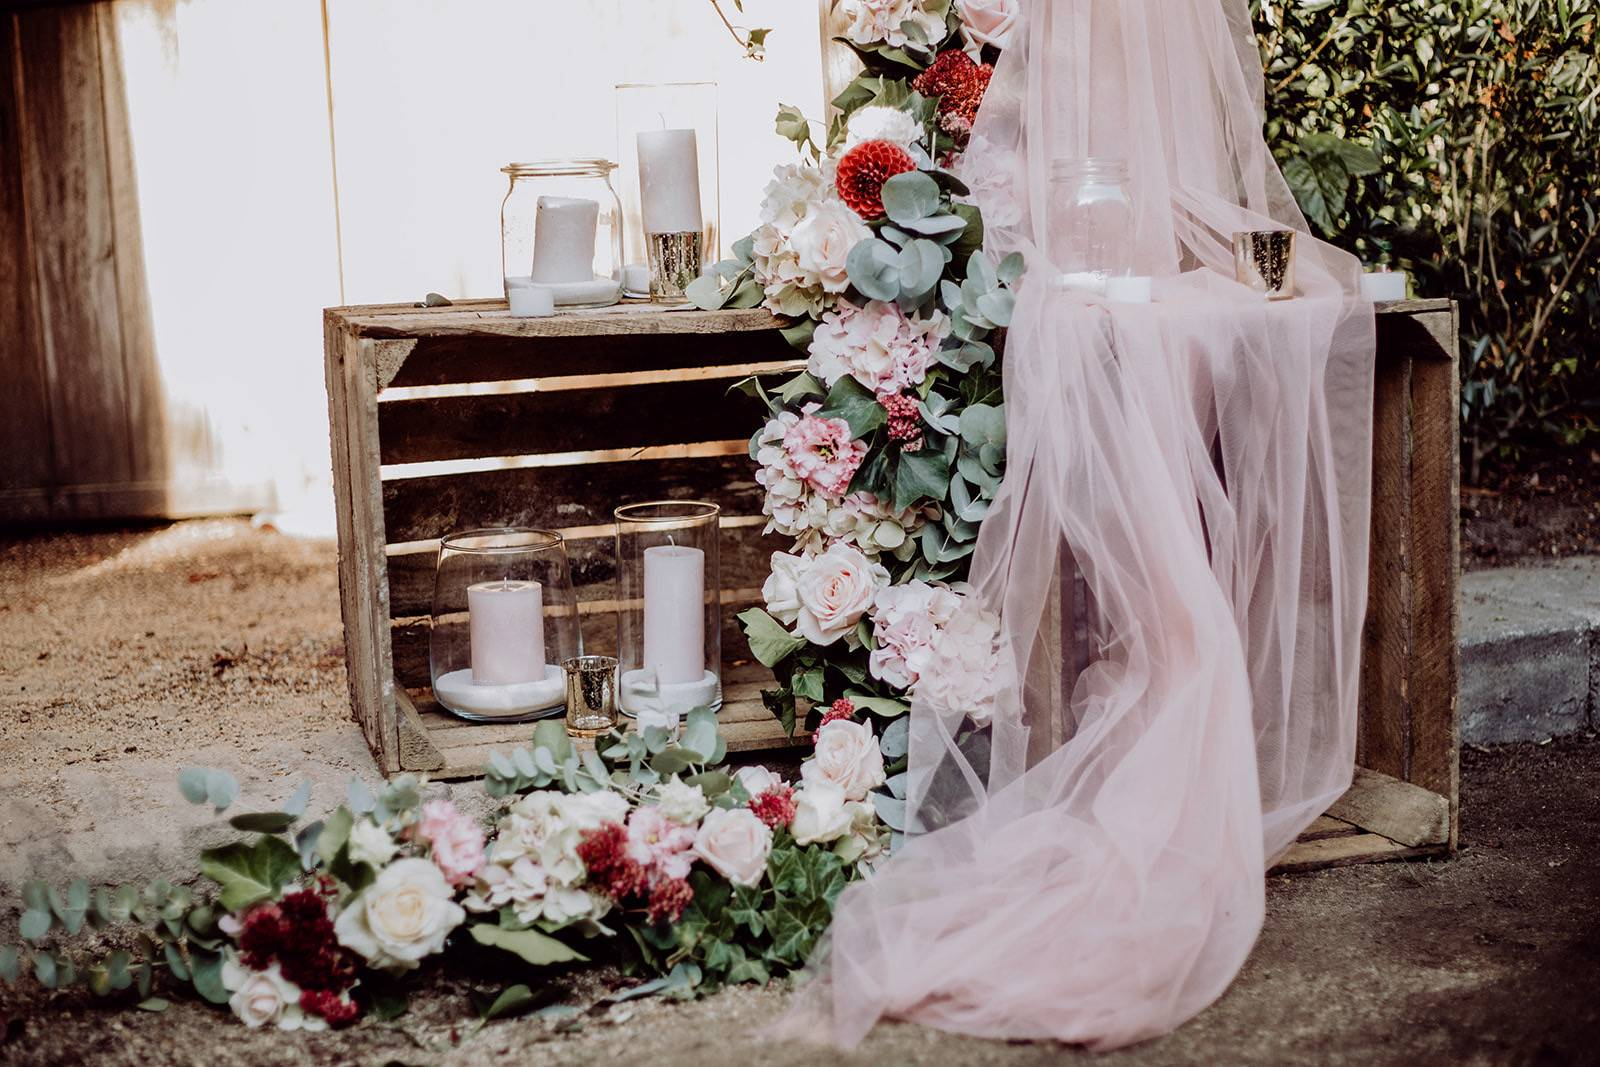 Atelier Rosé - Wedding Planner - House of Weddings Pieter & Anje - Lux Visual Storytellers (4)